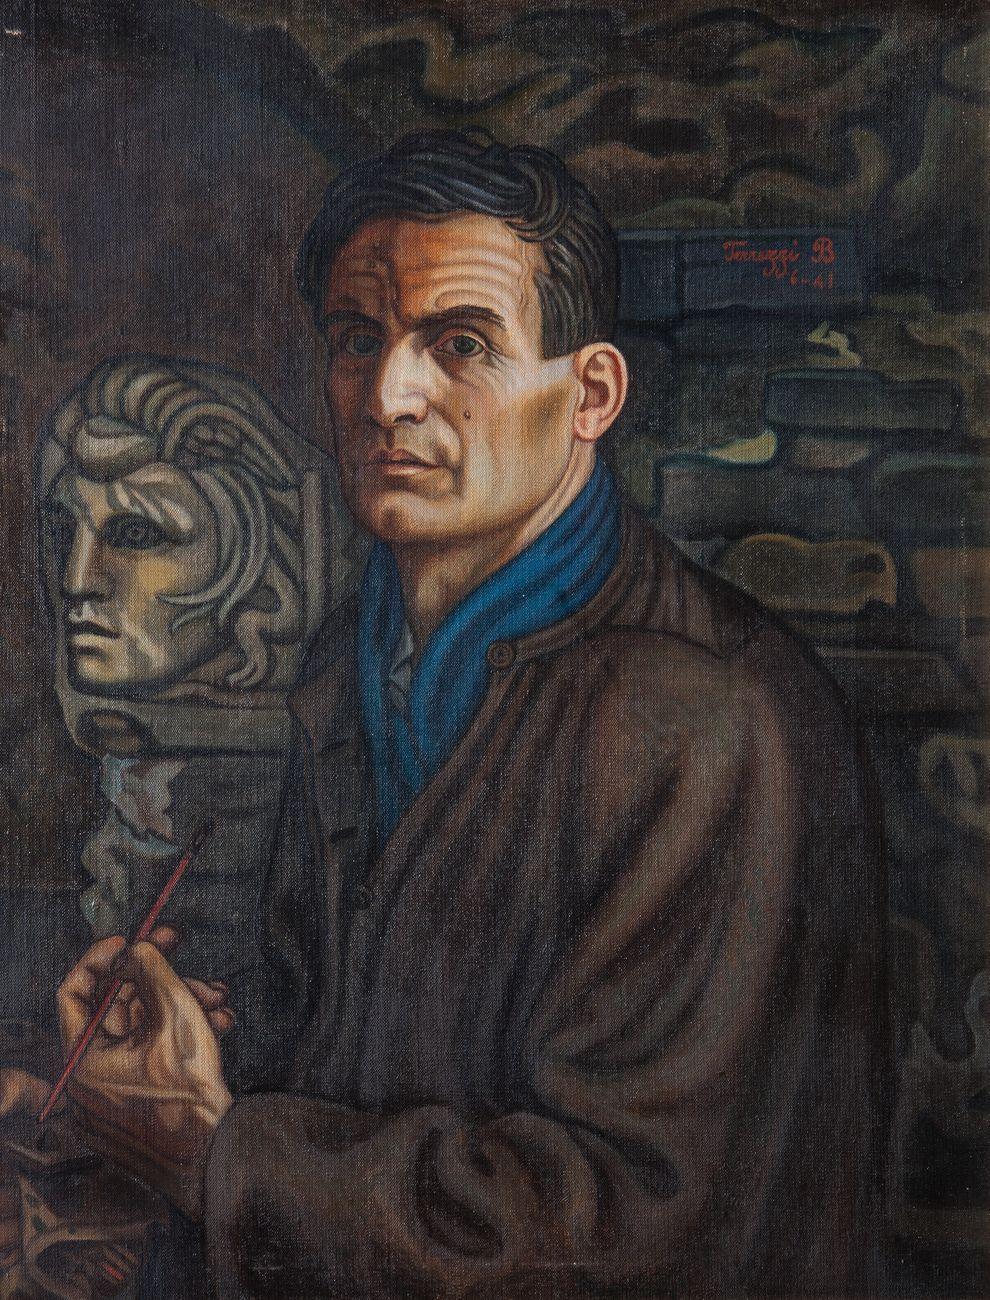 Benvenuto Ferrazzi, Autoritratto, 1941. Roma, Archivio B. Ferrazzi presso Musei di Villa Torlonia. Photo Laura Moreschini